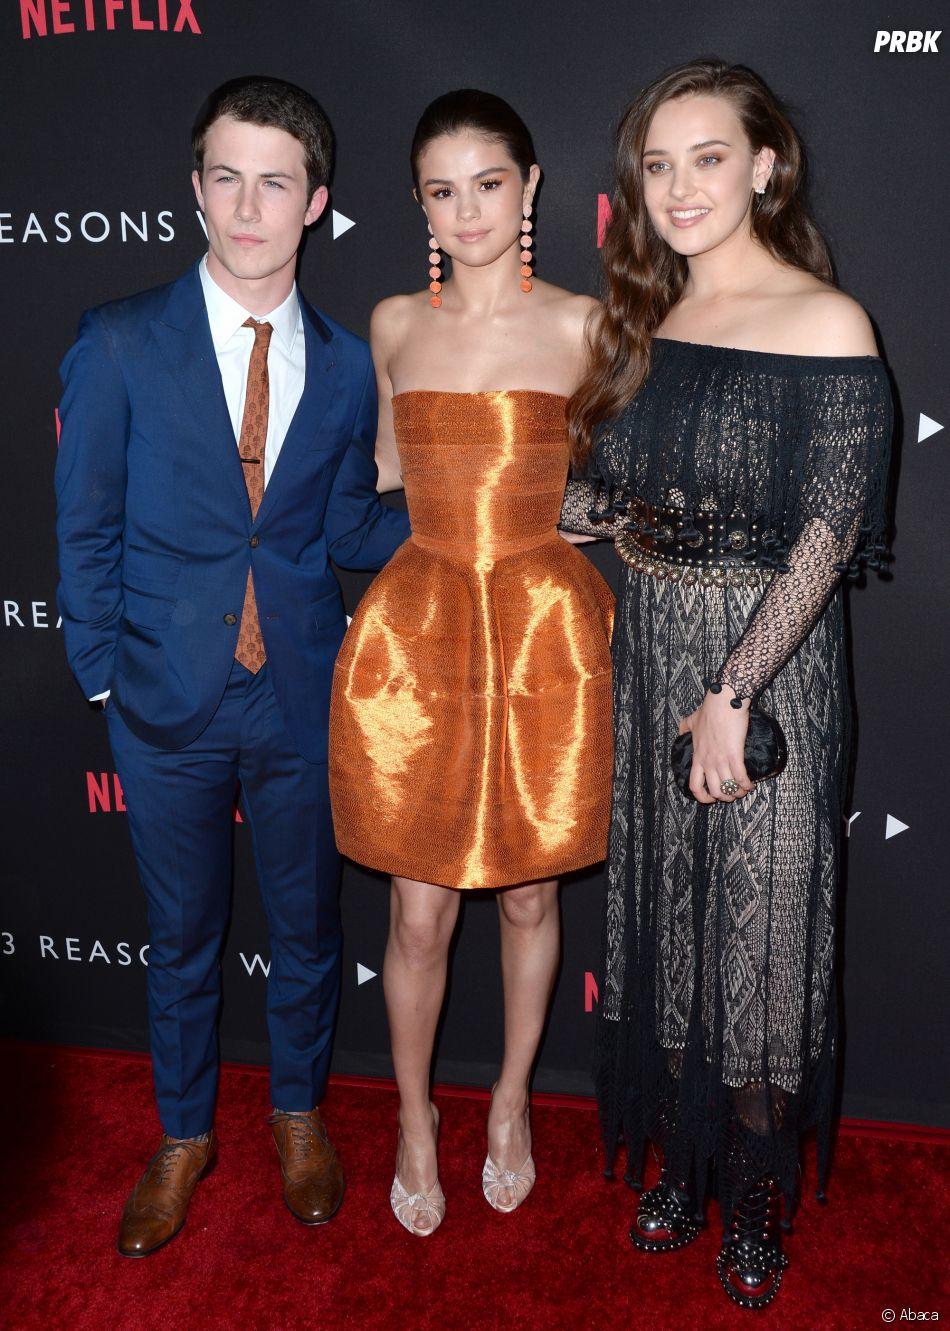 Selena Gomez entourée de Dylan Minnette (Clay) et Katherine Langford (Hannah)